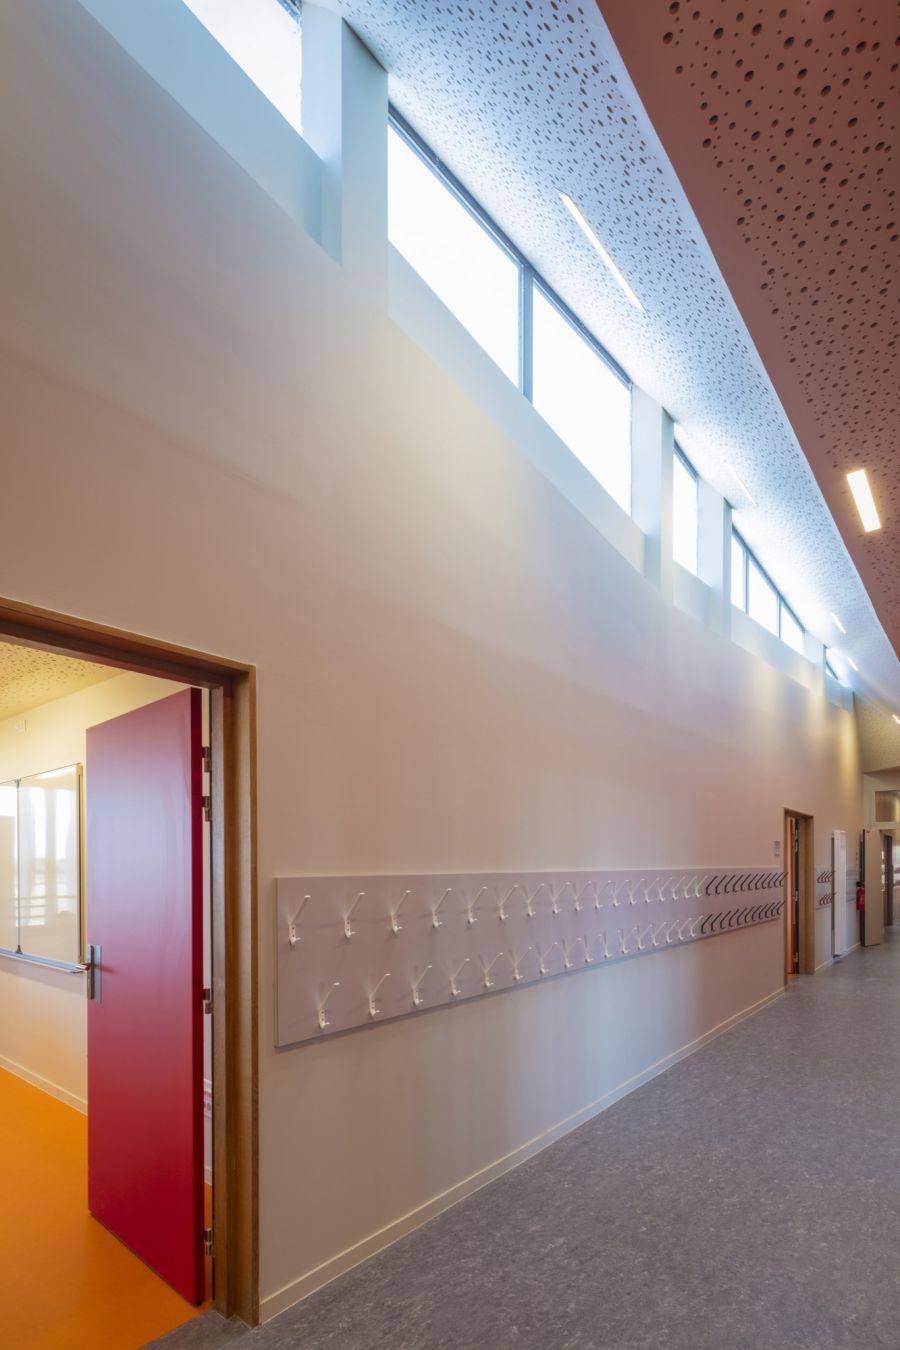 Groupe scolaire Pierre Perret à Serris - Arch. Ameller, Dubois & associés - Photo : Guillaume Guérin